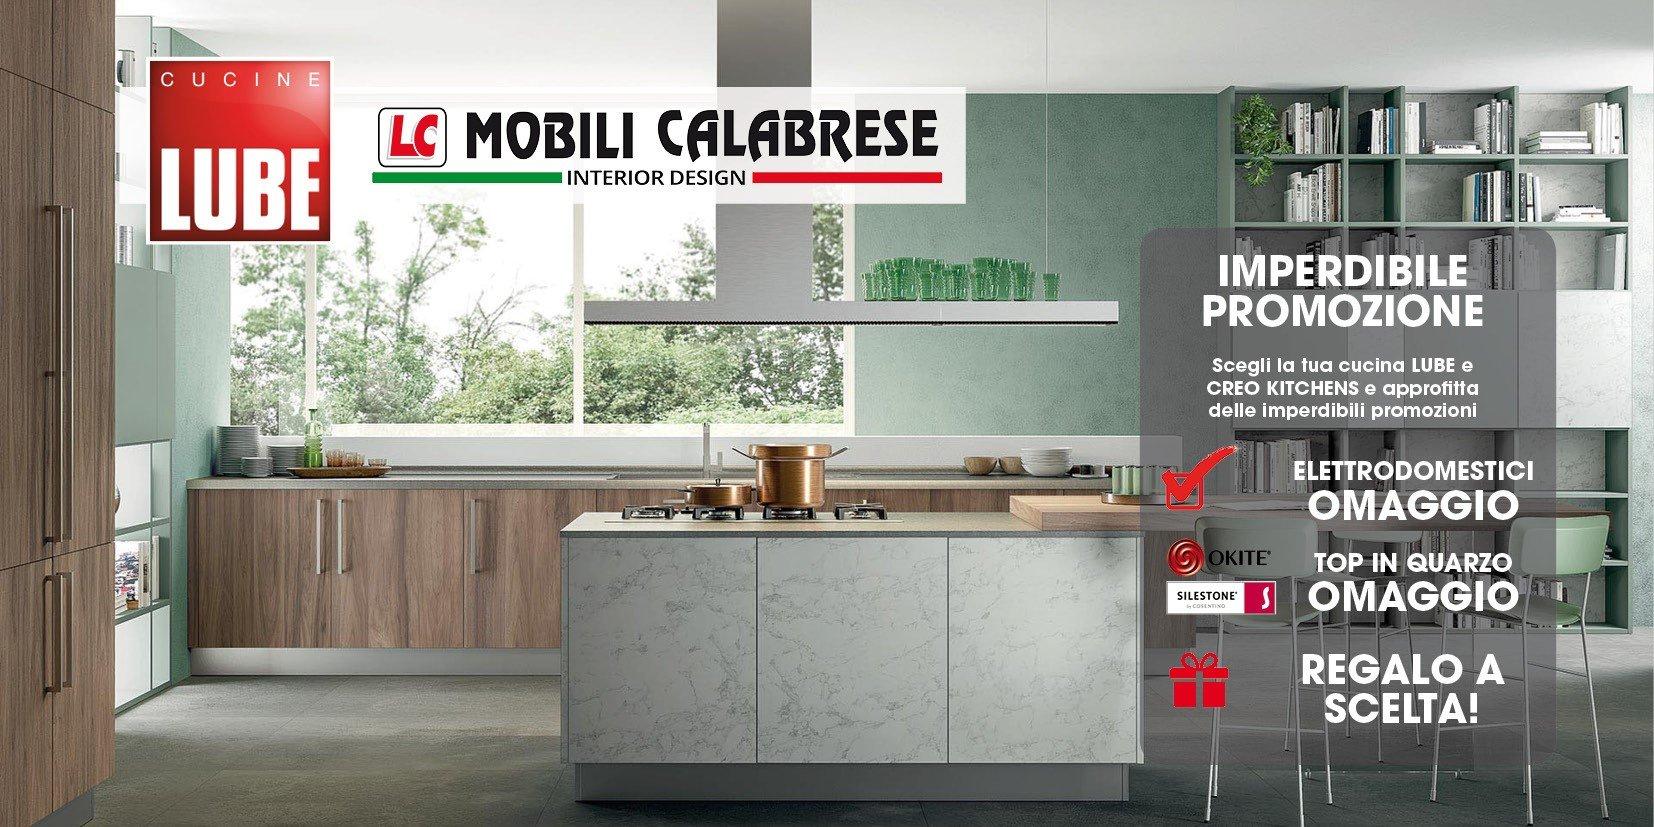 Cucine Lube - Frosinone - Concept store Lube Frosinone